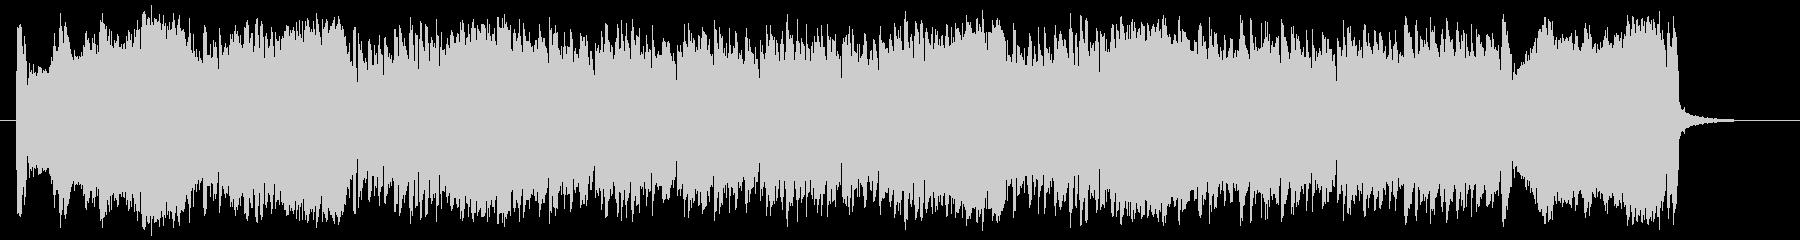 盛大で勢いのある管楽器シンセサウンドの未再生の波形